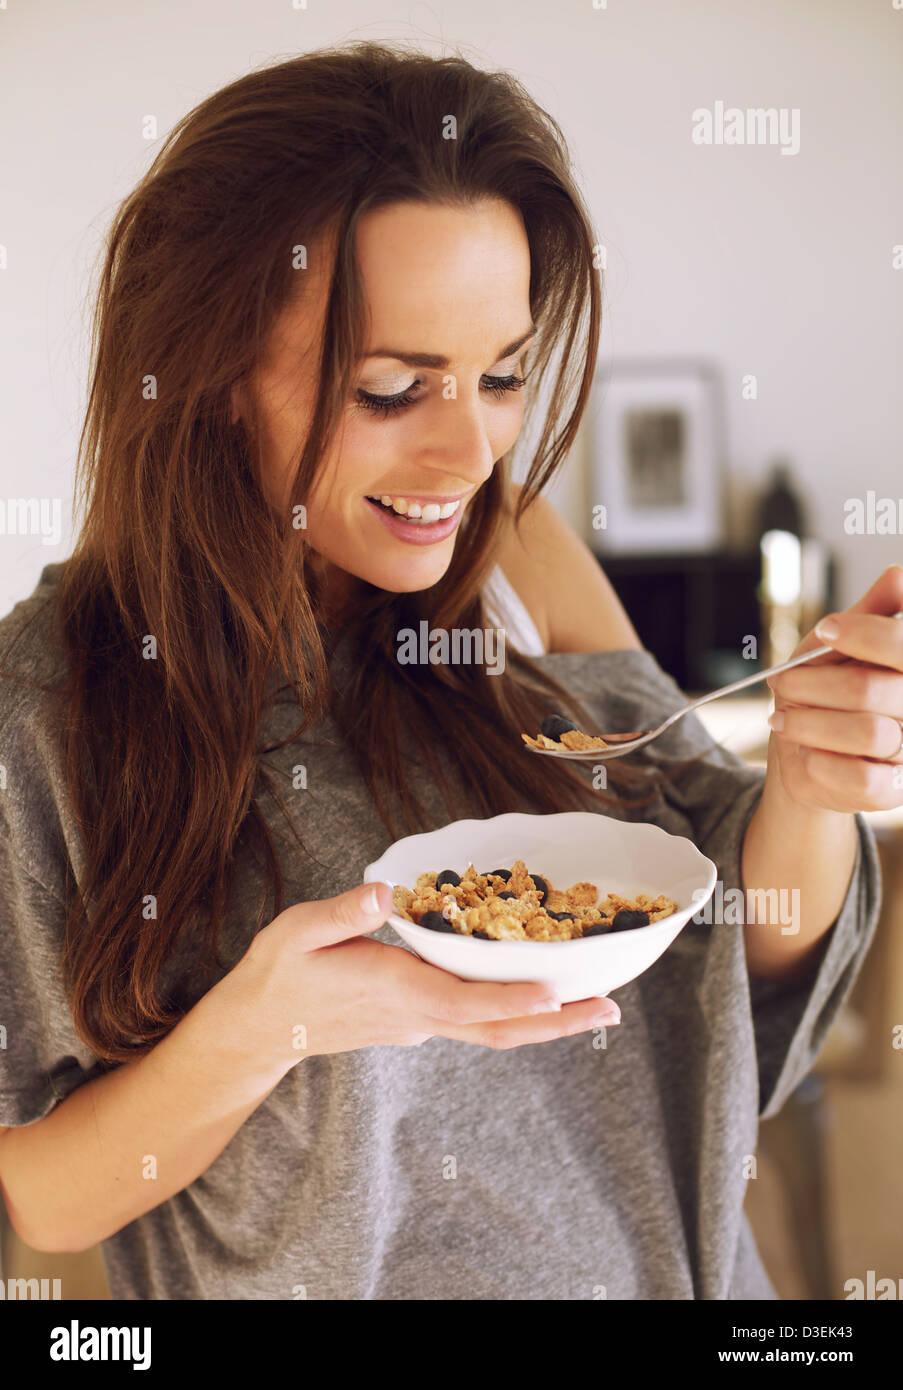 Lächelnde Frau genießen ihre Schüssel Müsli am Morgen Stockbild